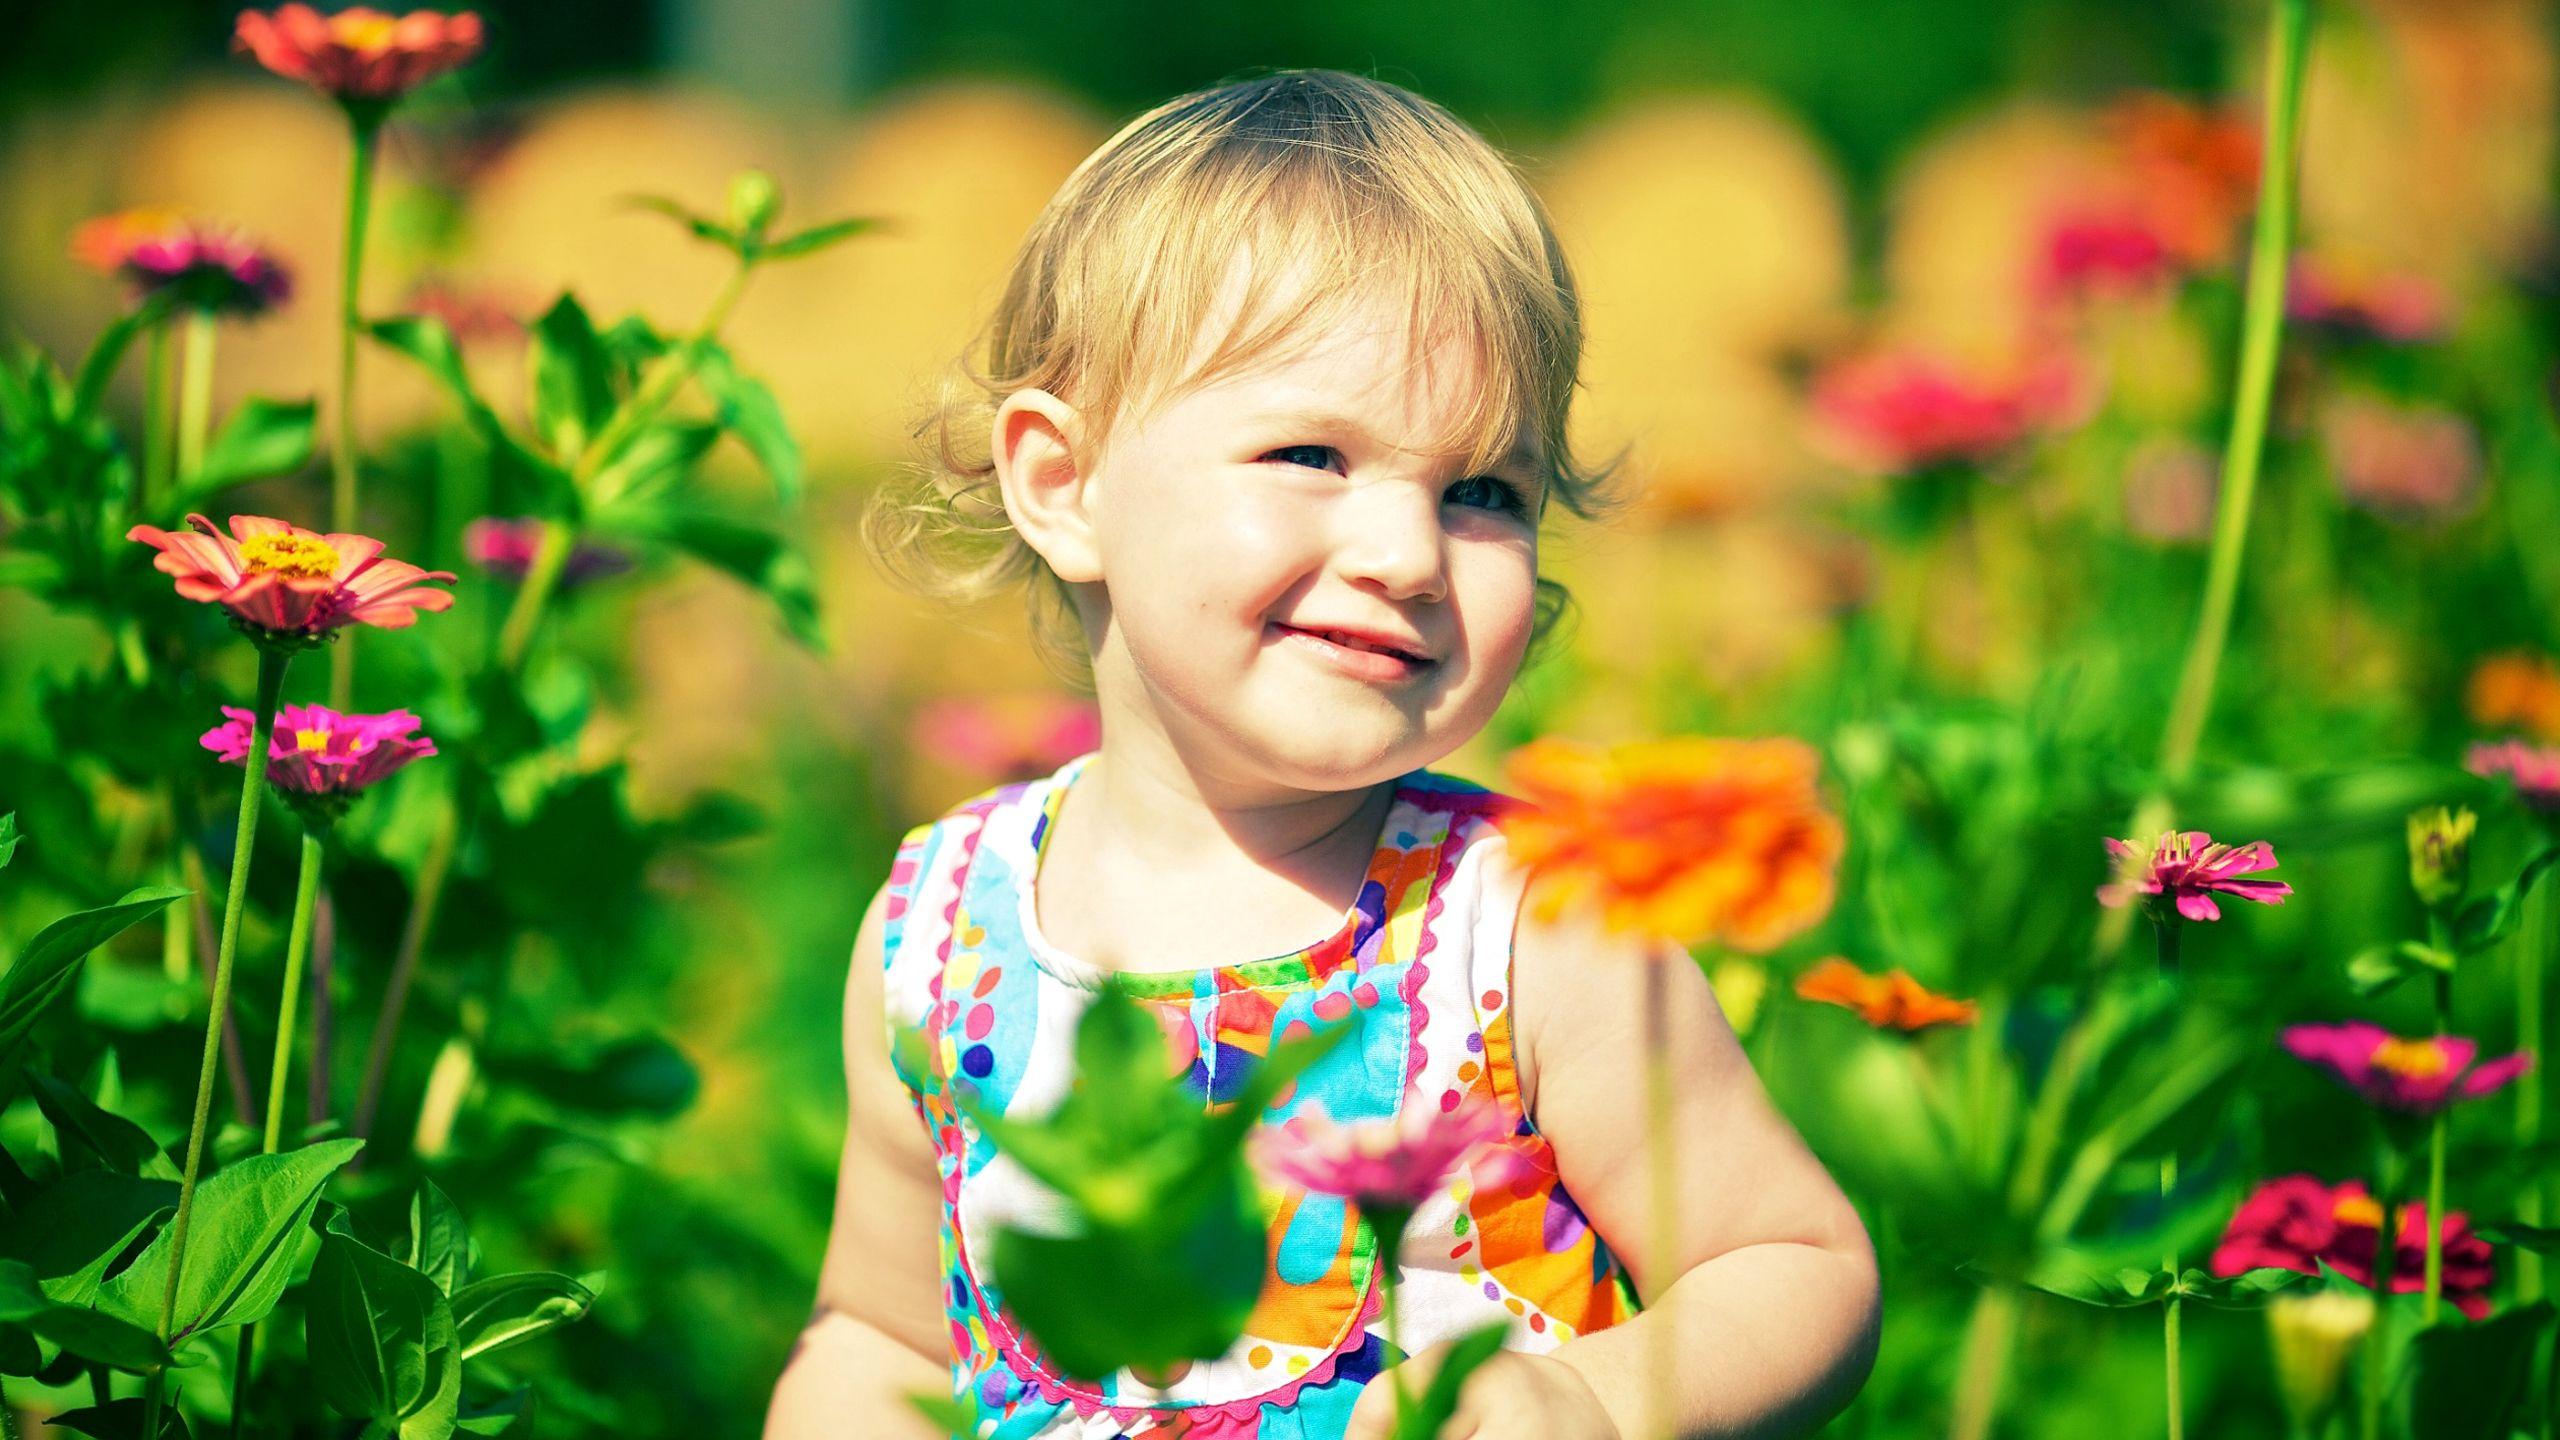 Ummah Cute Baby Hd Wallpaper 2560 1440 Beautiful Wallpaper